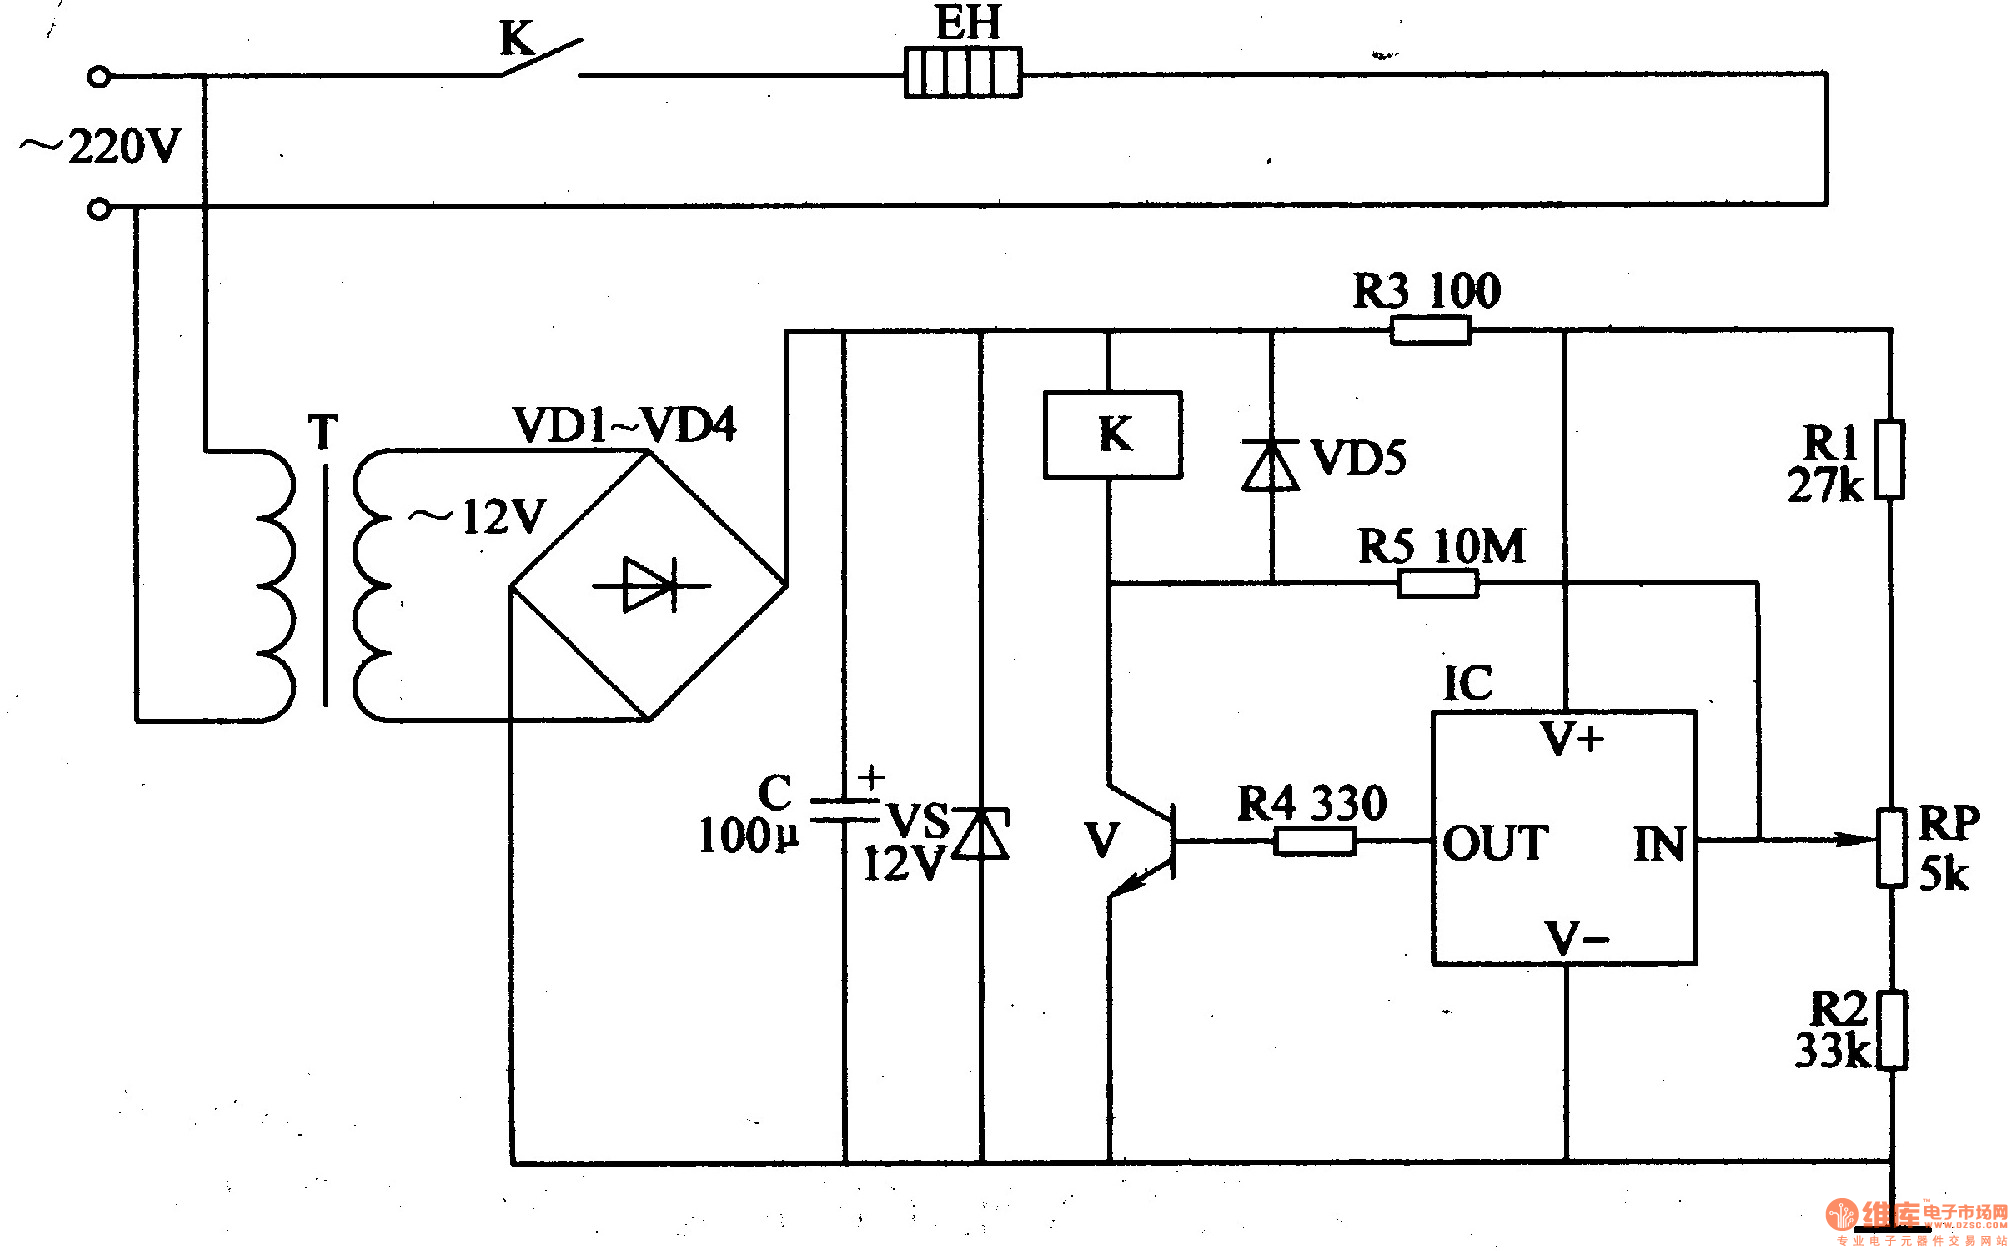 Sh 1743 Eggs Hatching Incubator Circuit Diagram 2